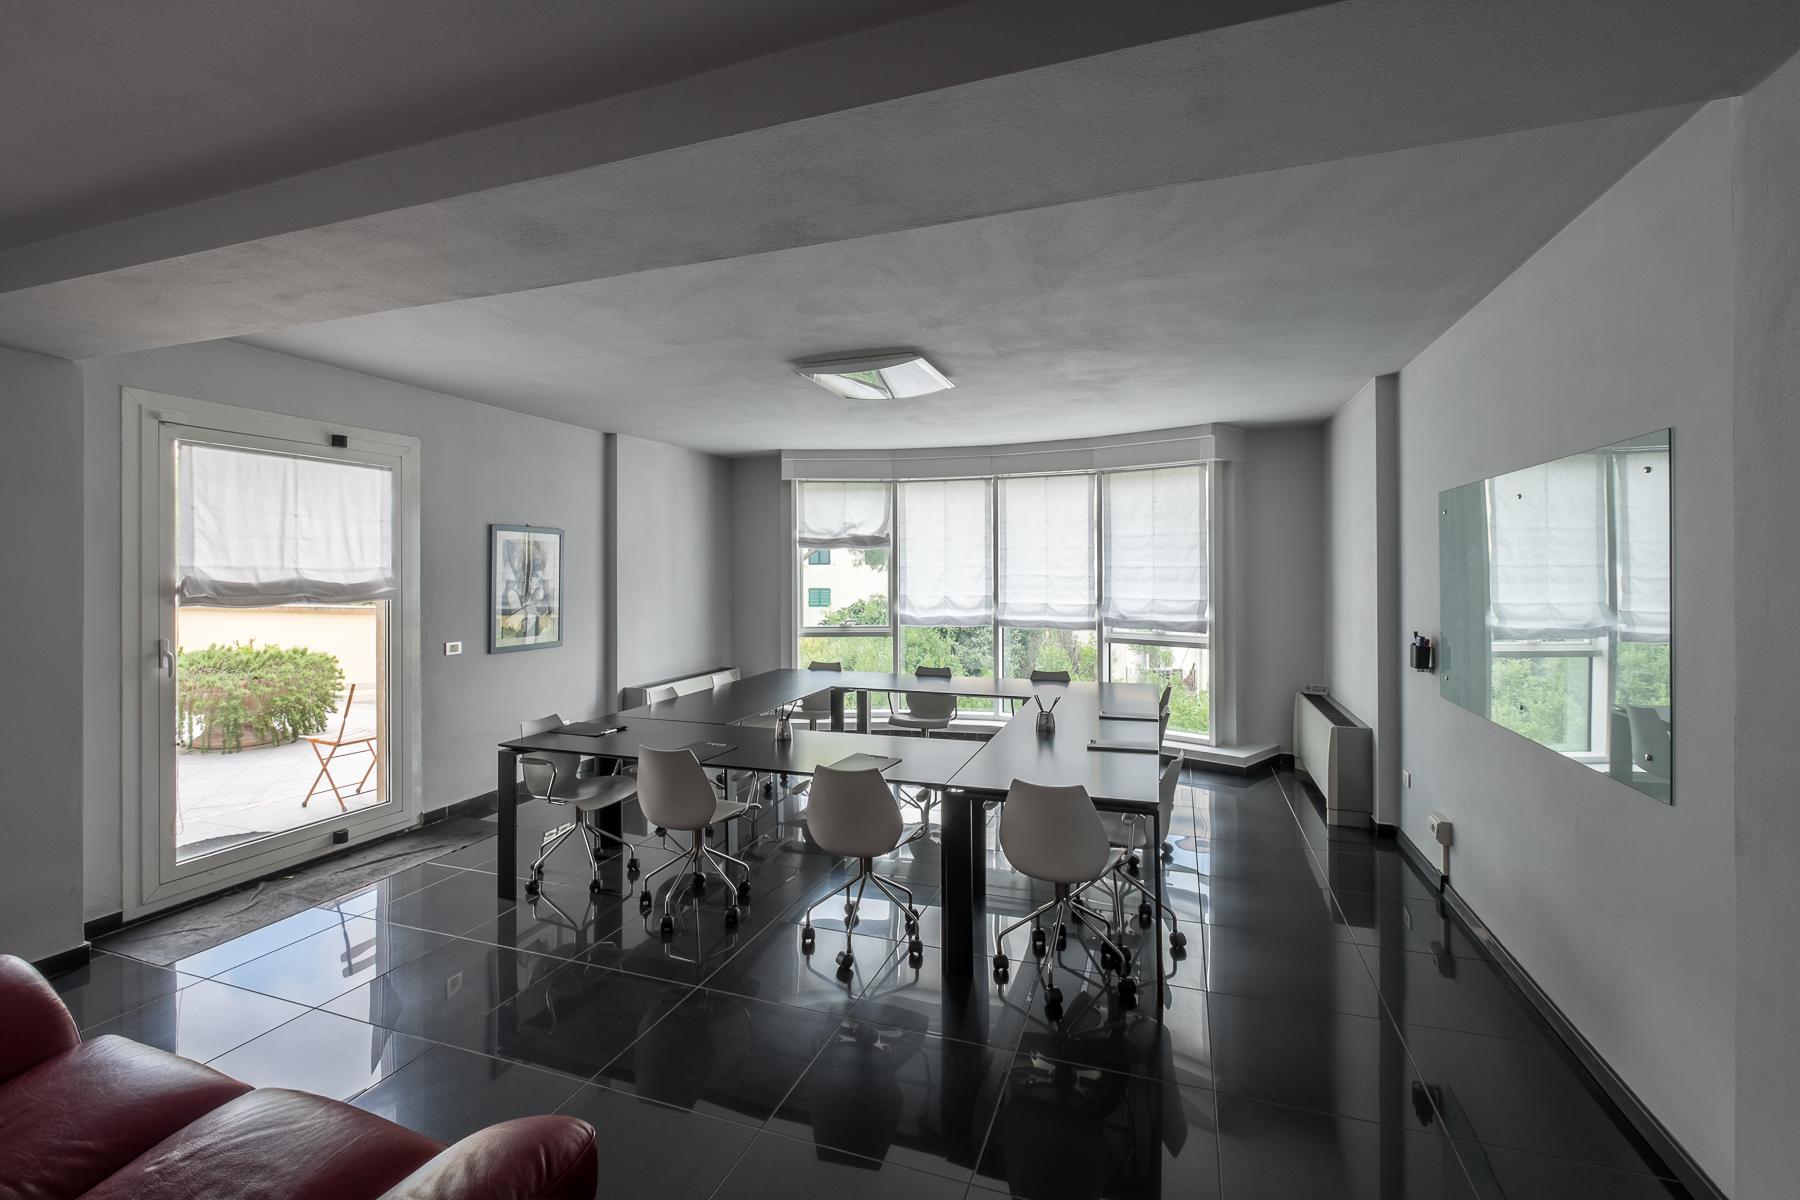 Casa indipendente in Vendita a Firenze: 5 locali, 790 mq - Foto 10